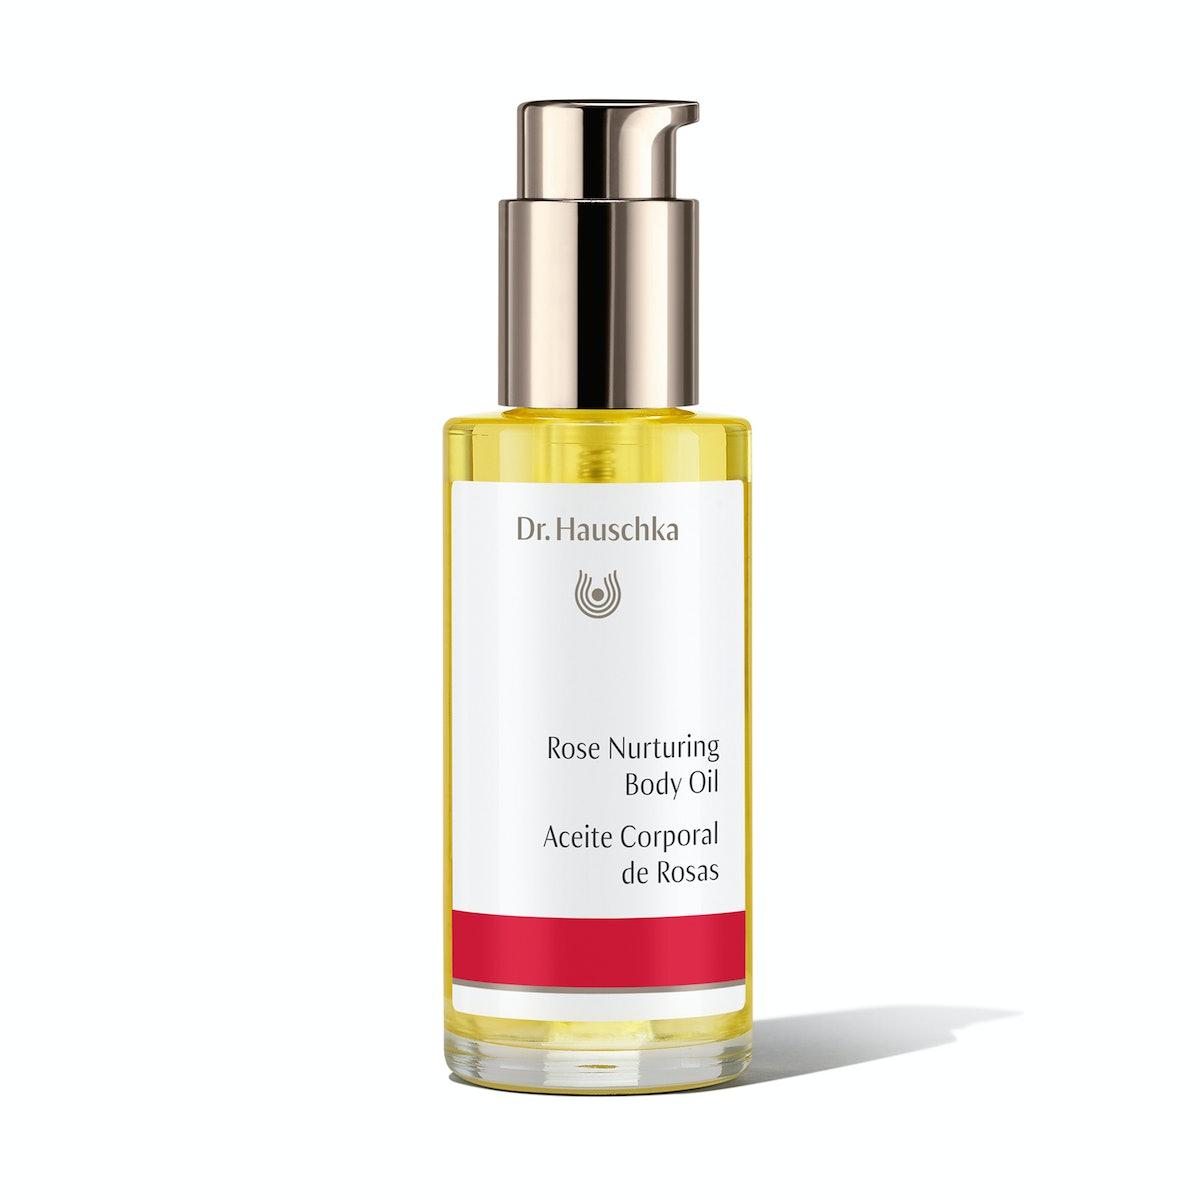 Dr Hauschka Rose Nurturing Body Oil